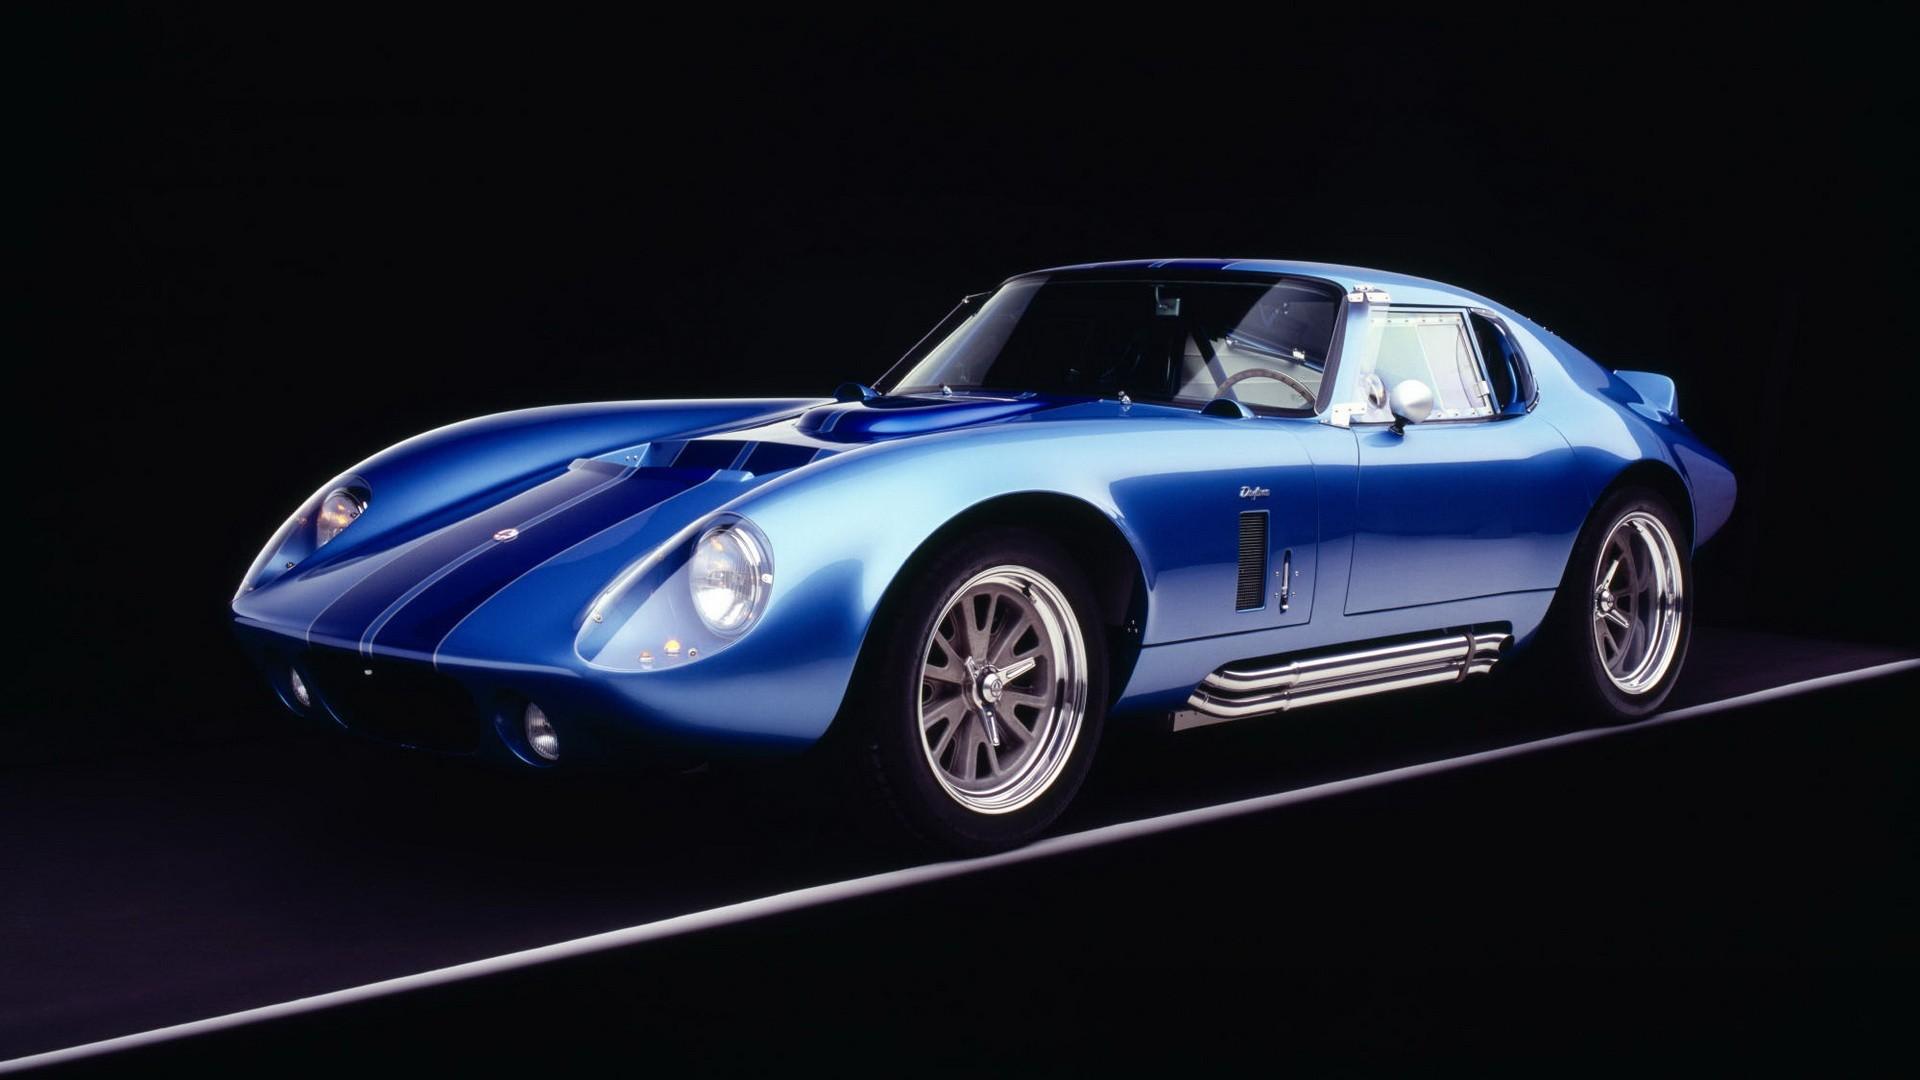 Fond d'écran : Voitures bleues, véhicule, voiture de sport ...